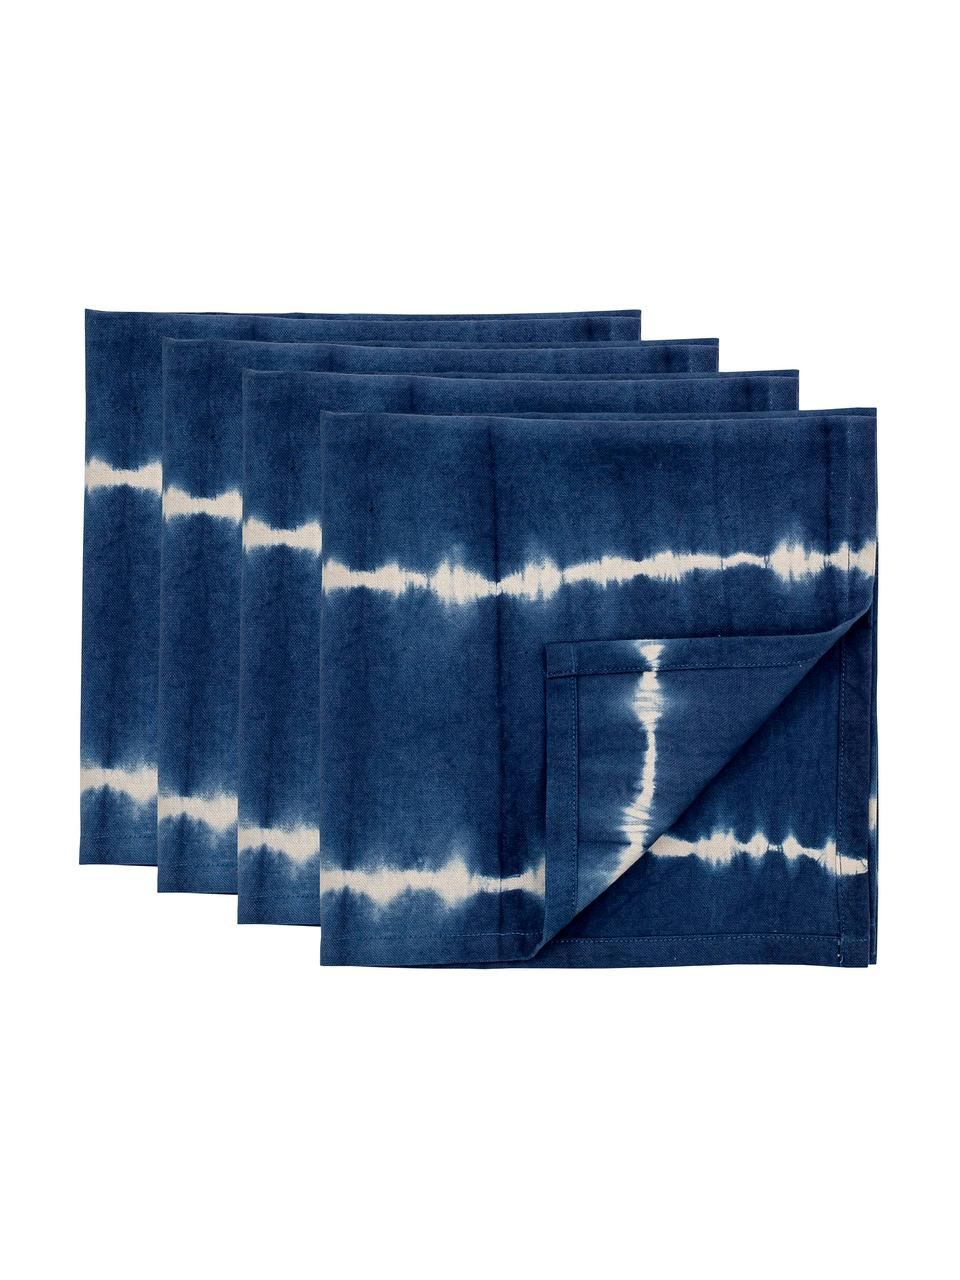 Stoff-Servietten Alston im Batiklook, 4 Stück, Baumwolle, Blau, 45 x 45 cm